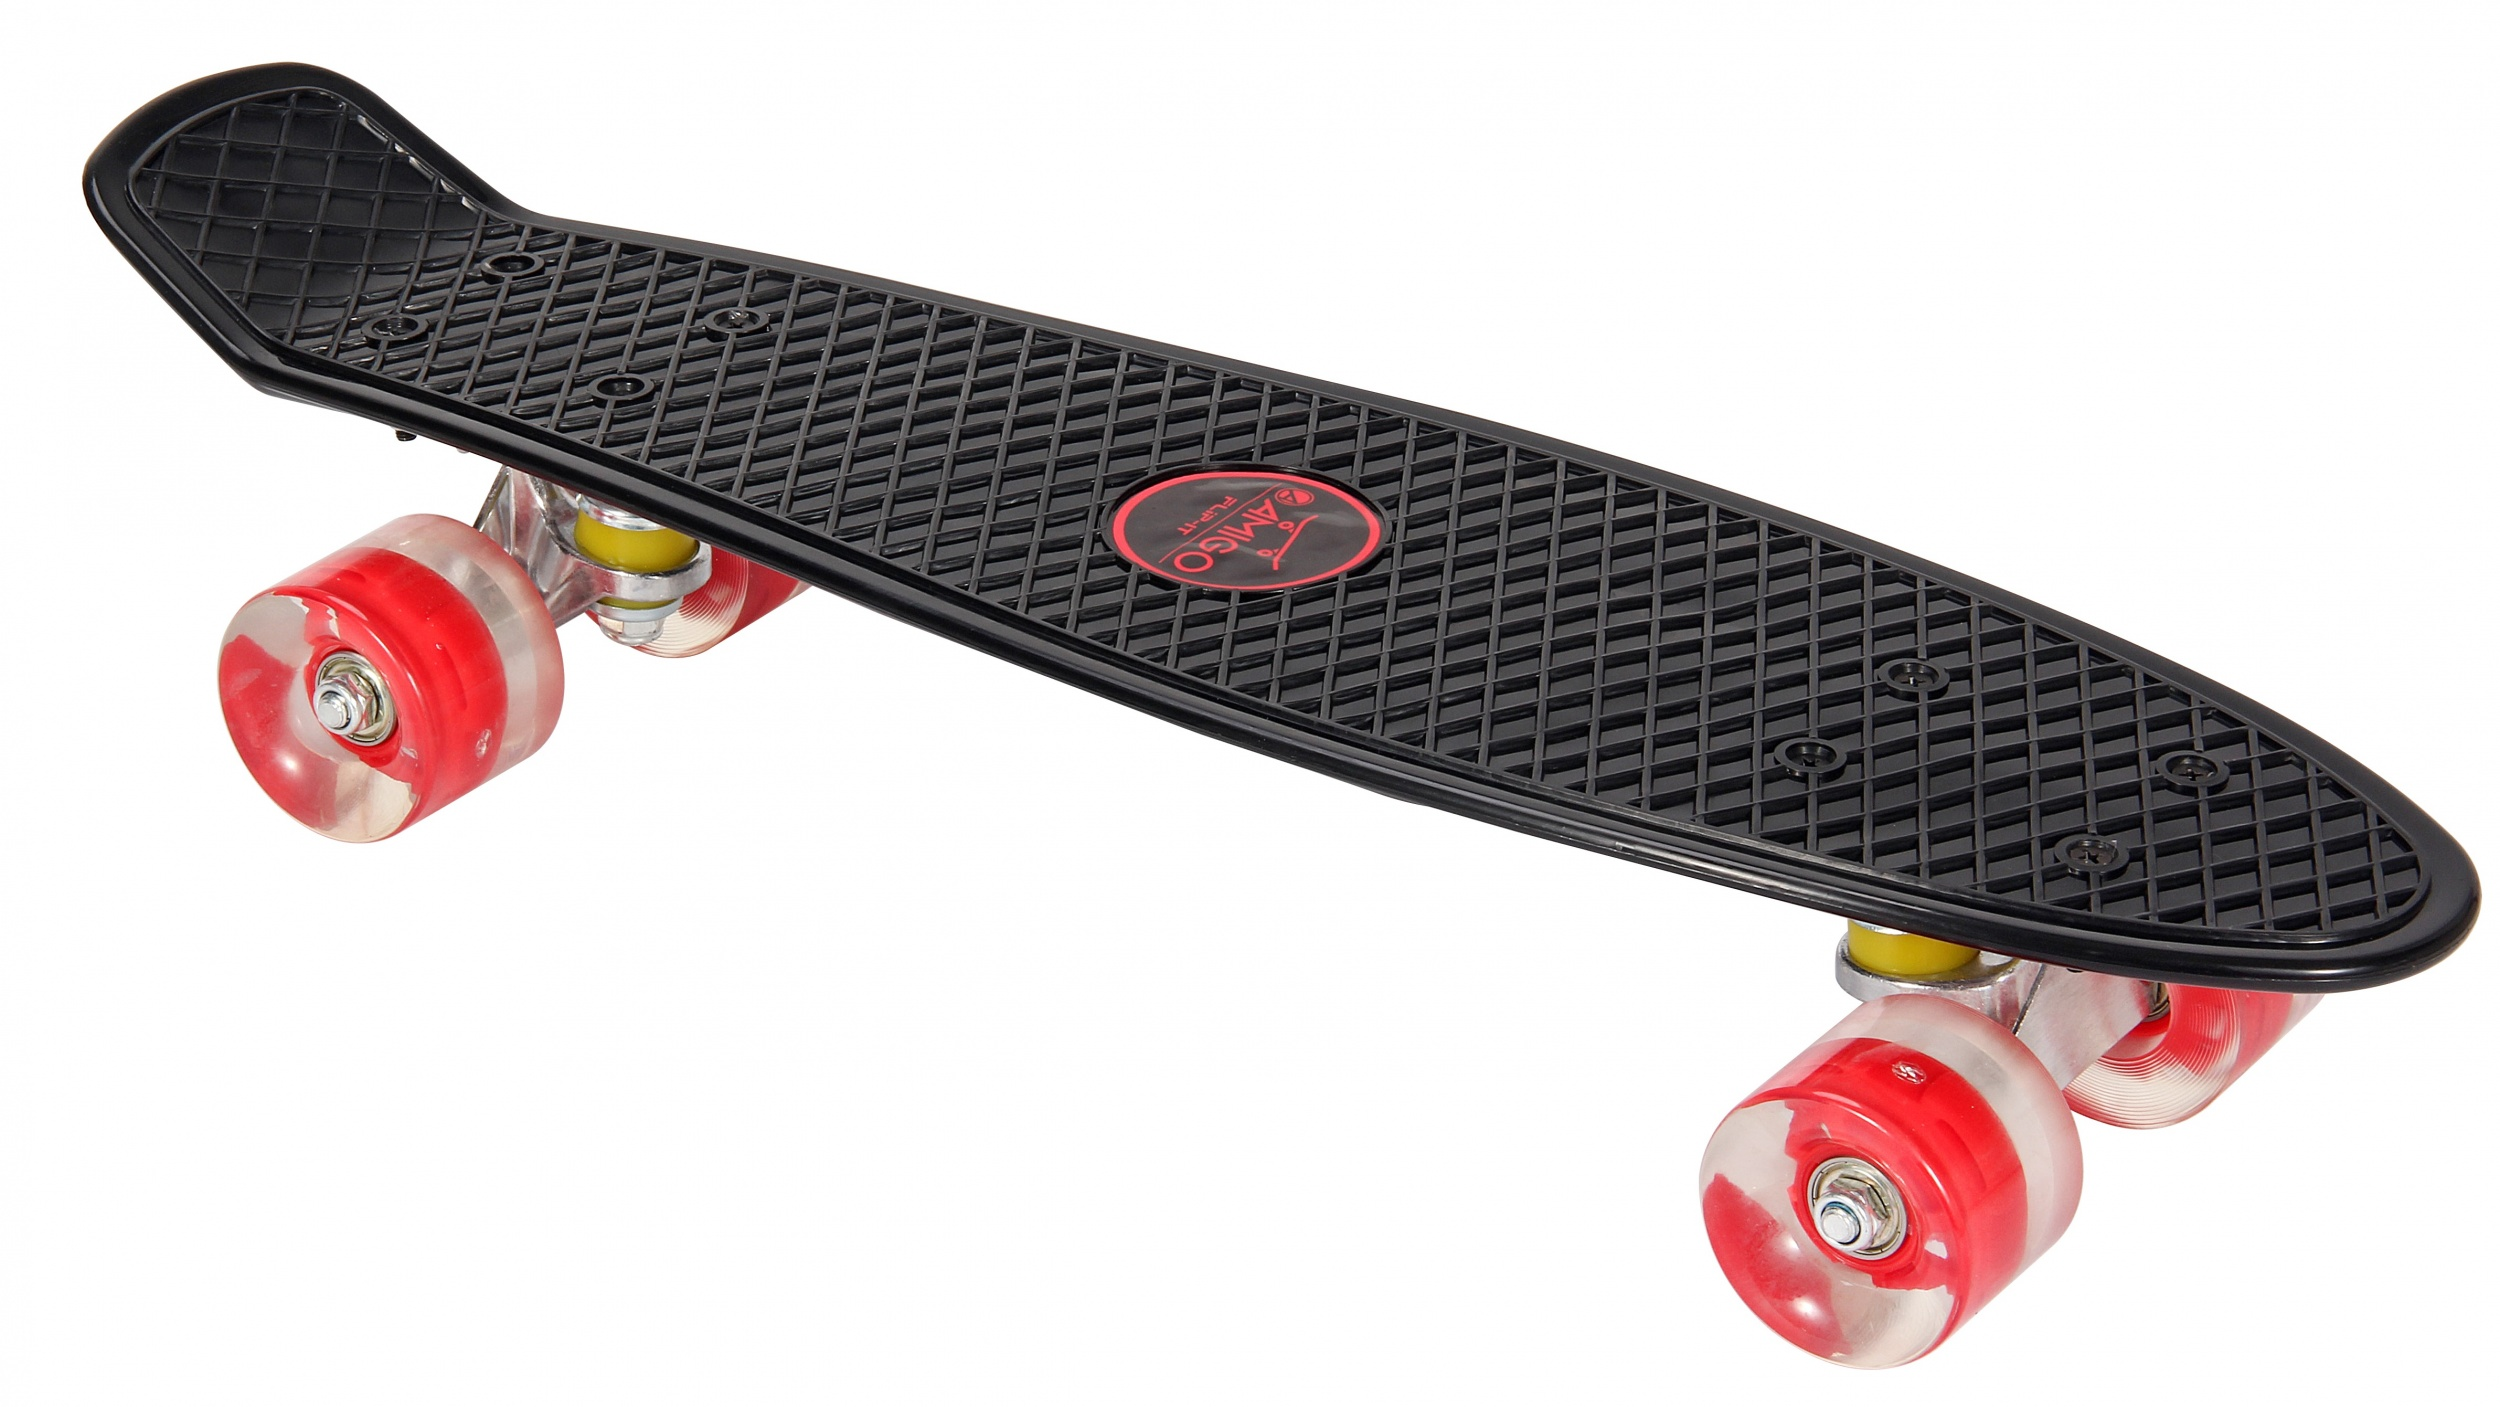 Skateboard met Led-verlichting zwart - rood